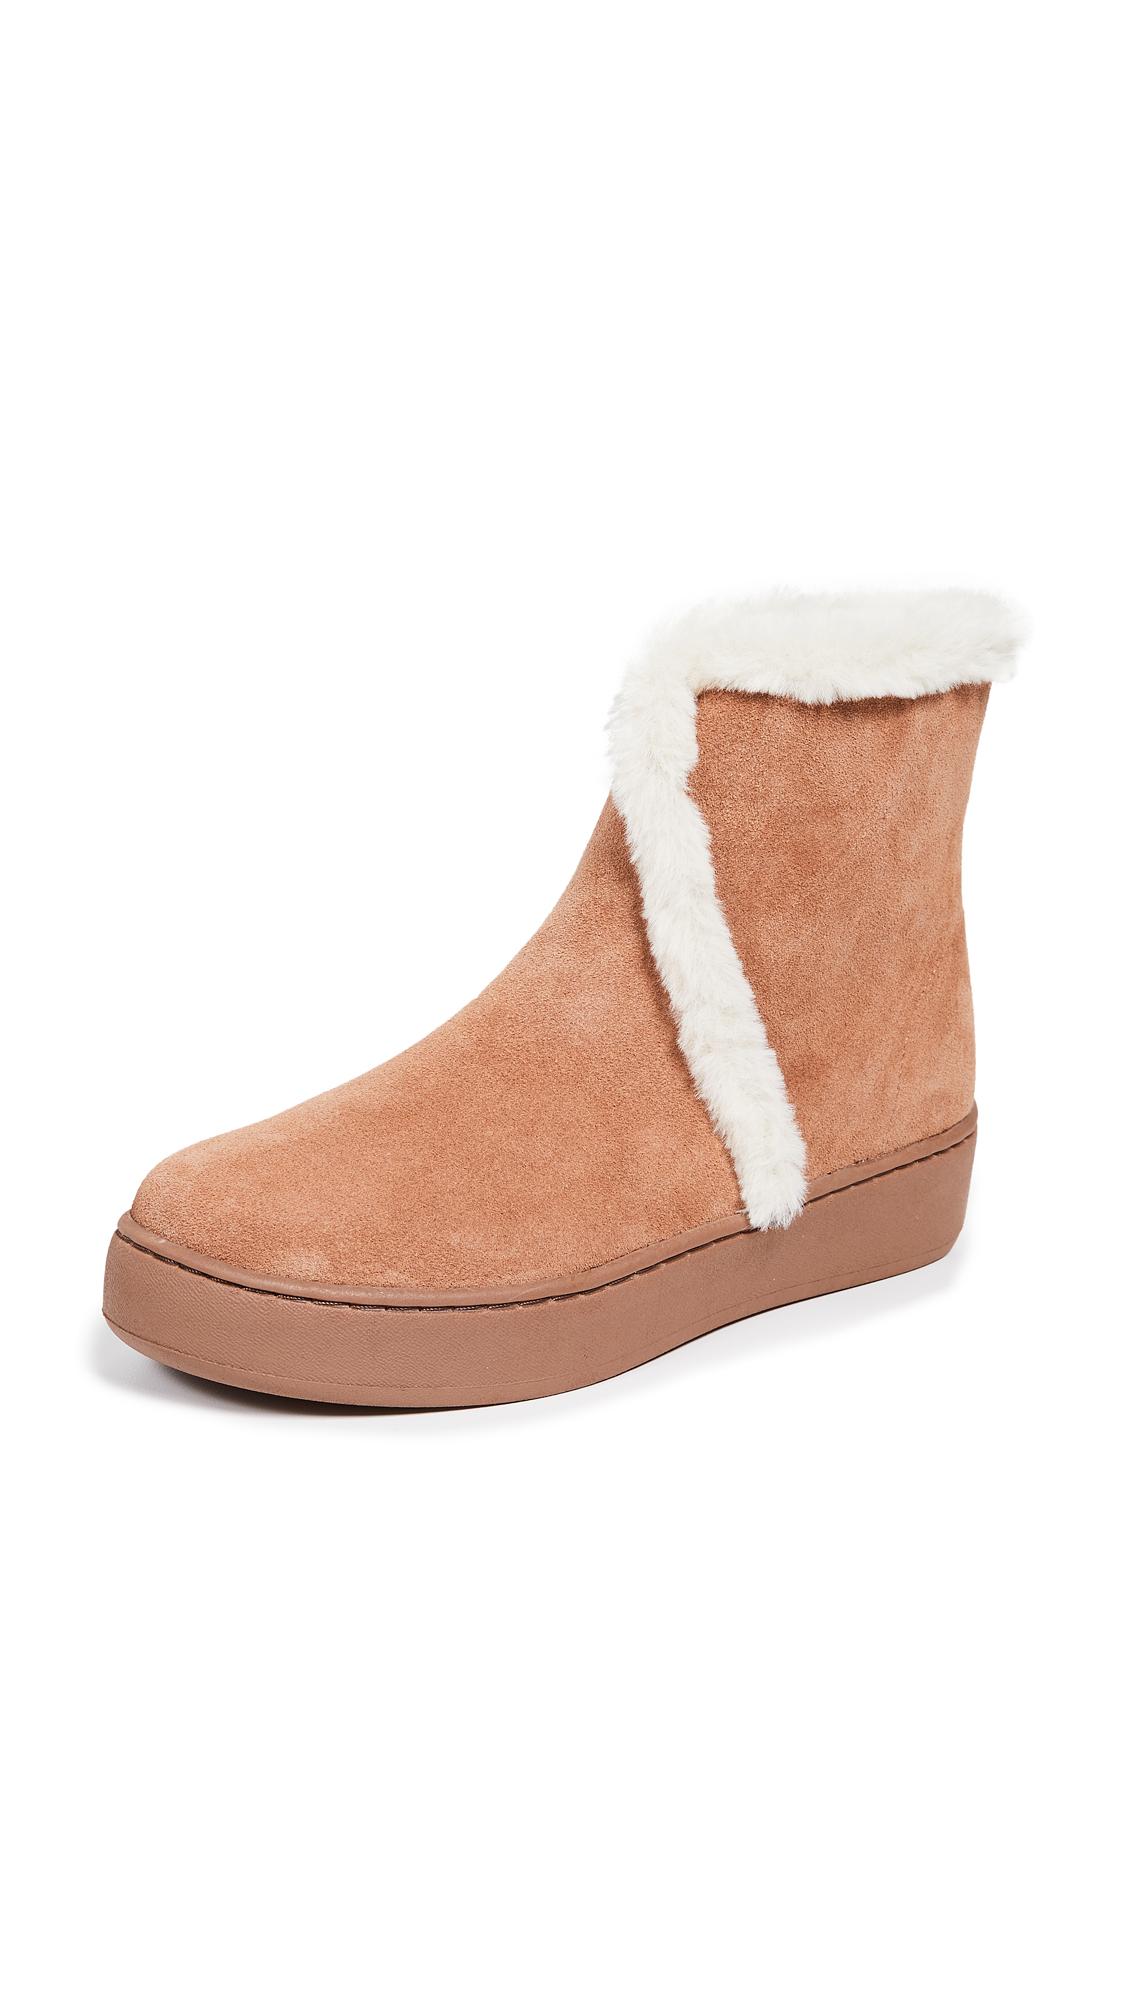 Soludos Whistler Cozy Boots - Tan